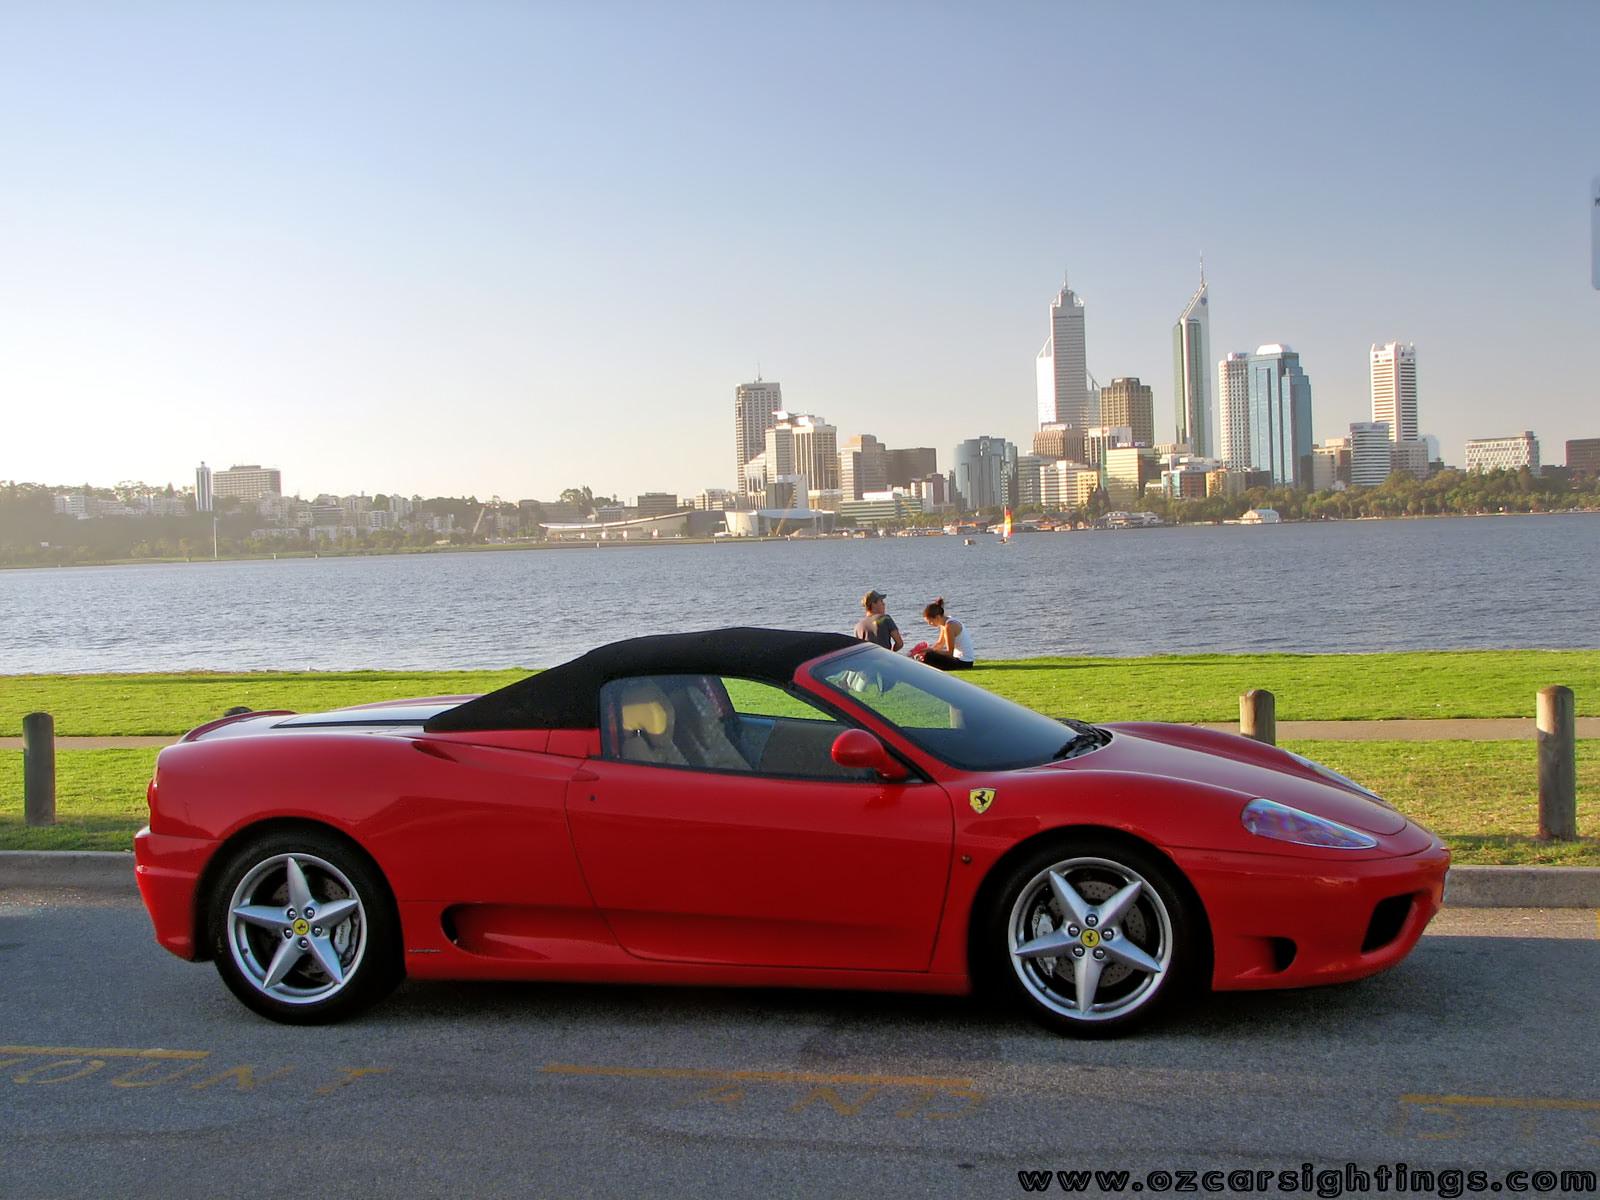 Ferrari Ferrari Cruise 2006: